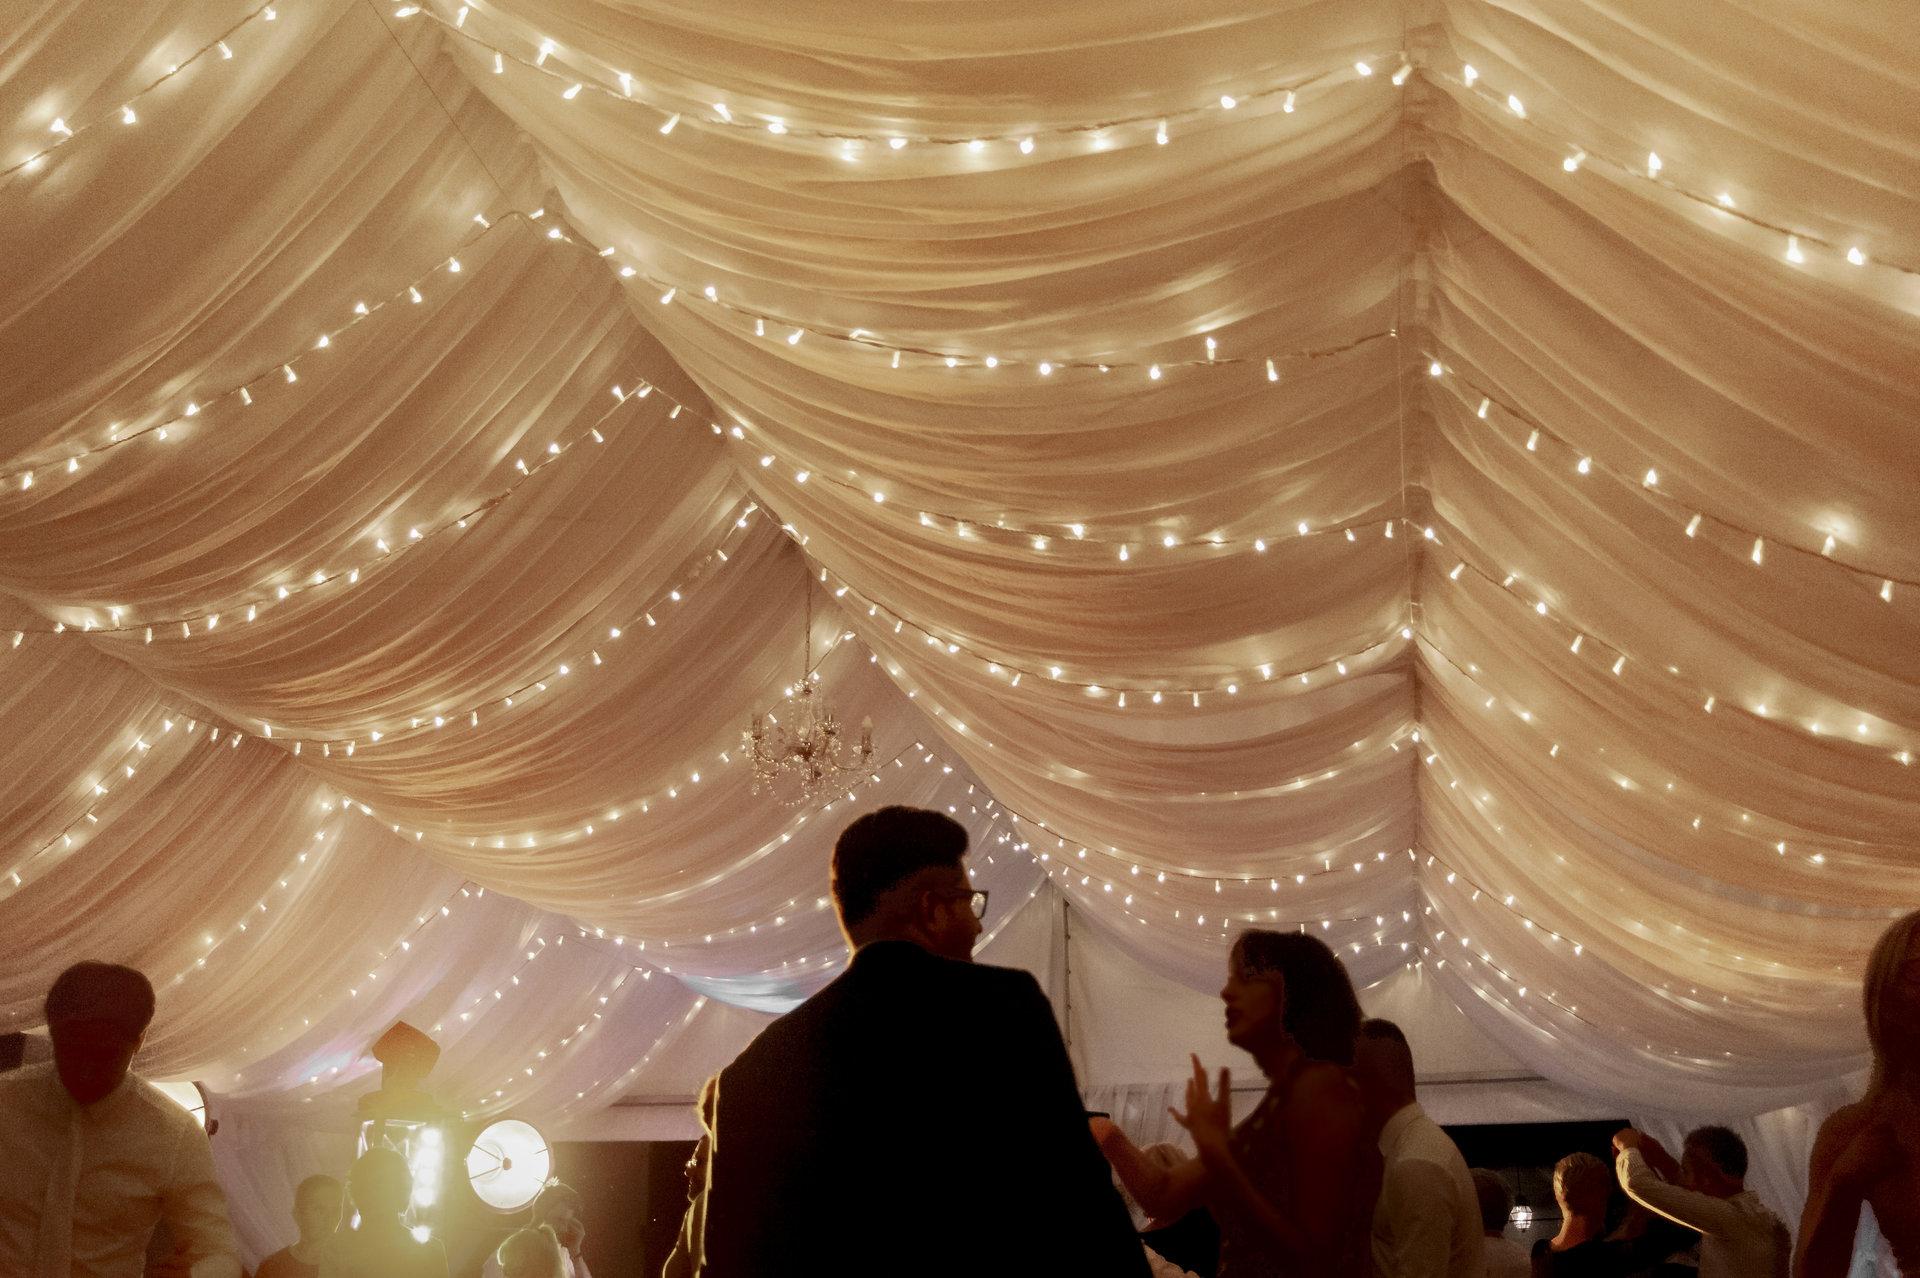 wesele w namiocie, baranów sandomierski, wynajem światełek